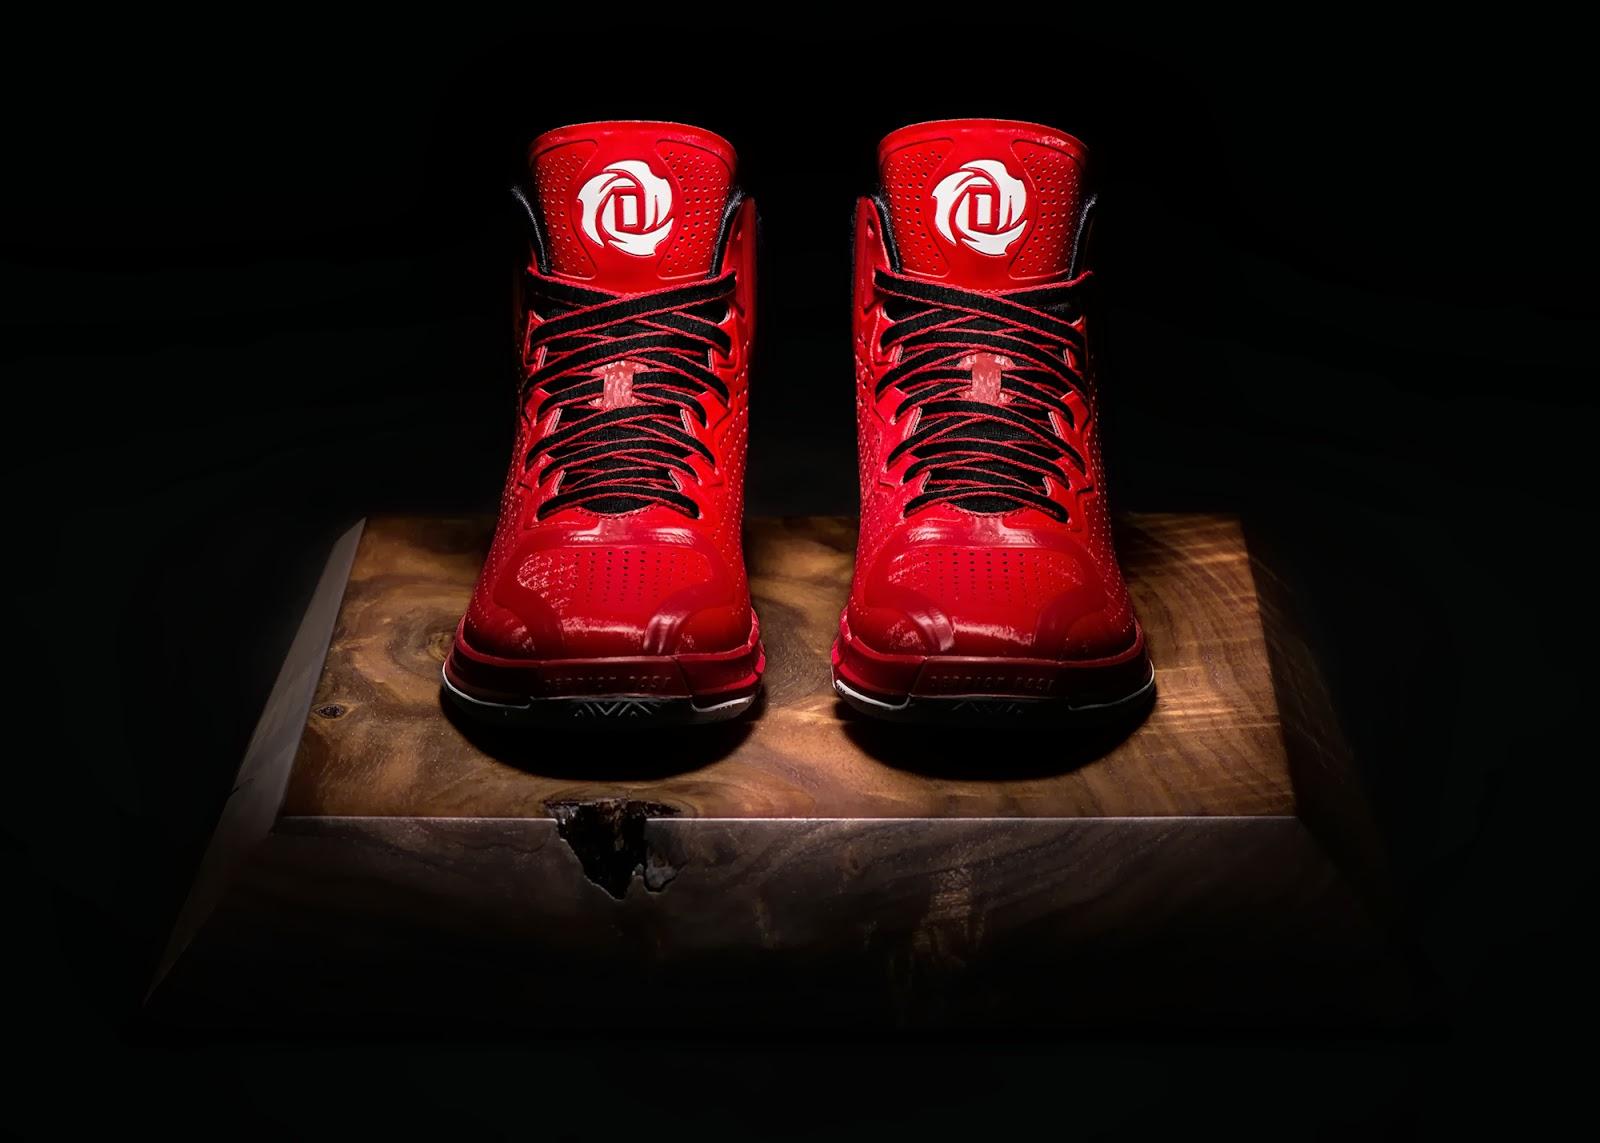 0fb3deadc76f THE SNEAKER ADDICT  adidas Derrick Rose 4